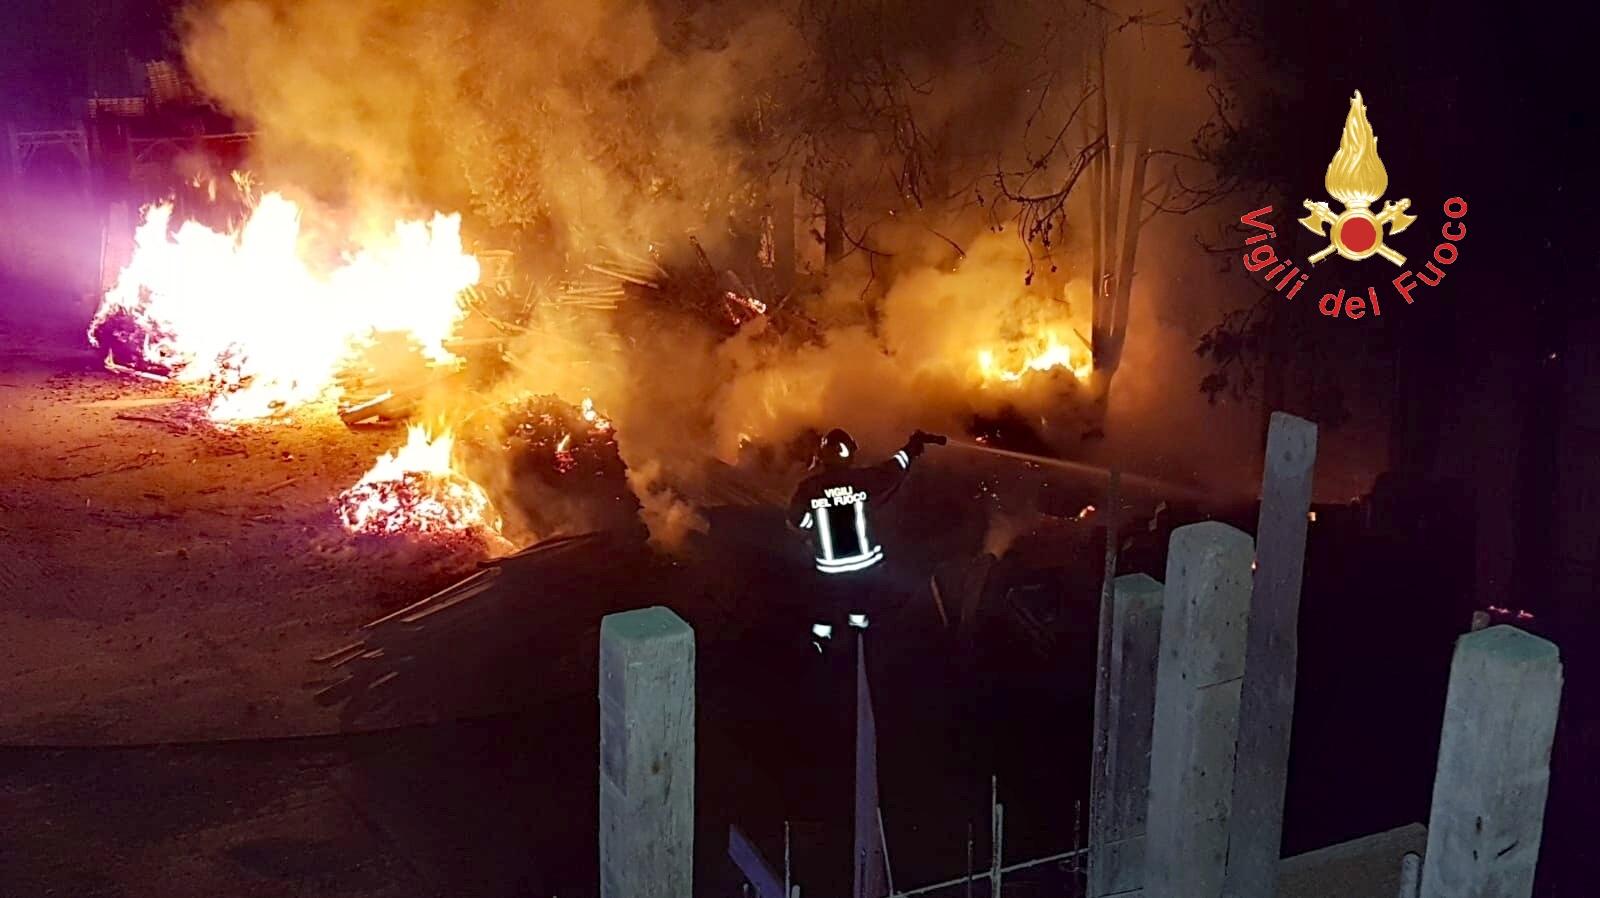 Incendio nella notte a Germaneto, devastato cantiere edile  Avviate indagini per appurare la possibile matrice dolosa